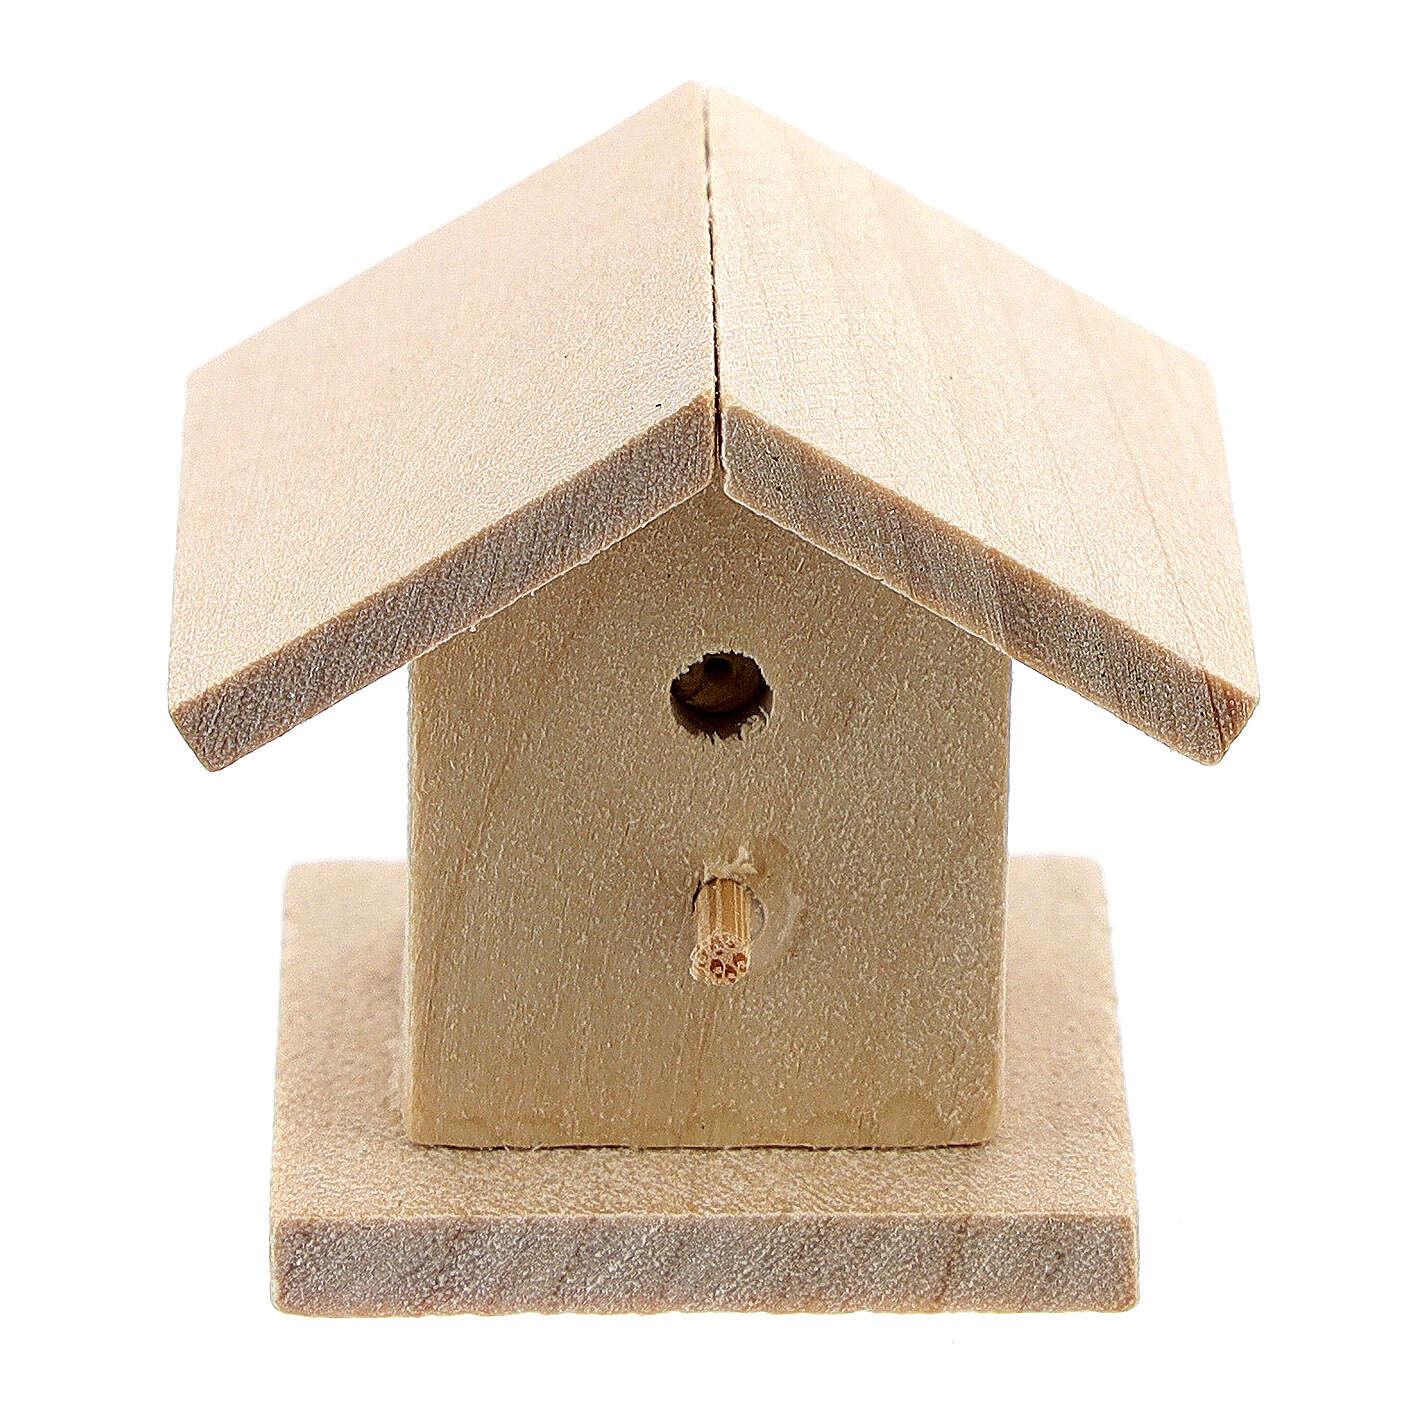 Casetta legno uccelli presepe 8-10 cm 3